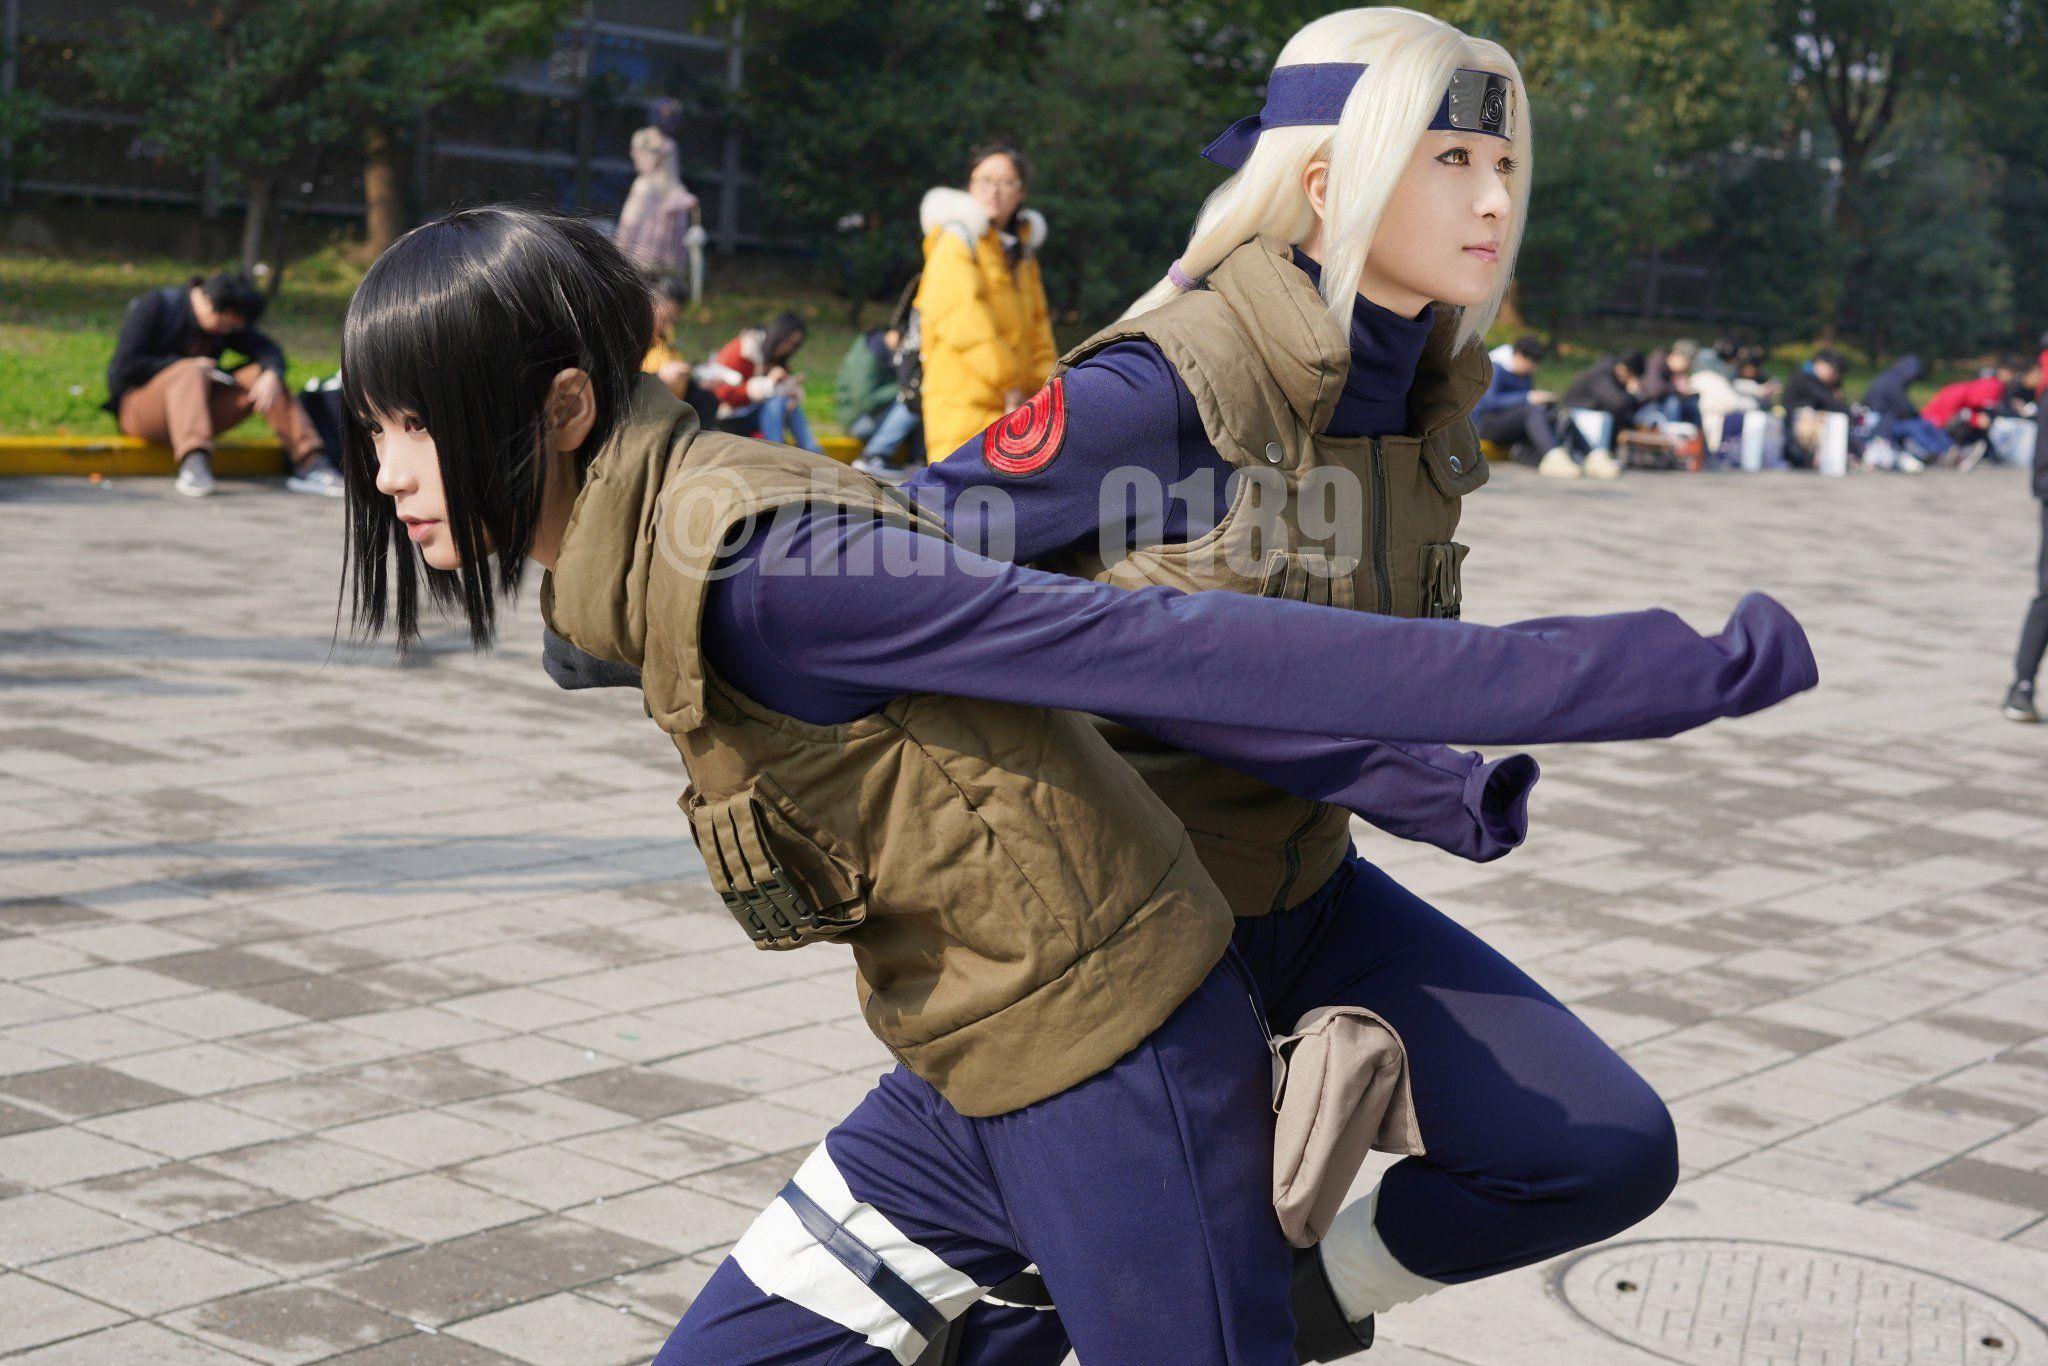 Imagem de Naruto shippuden cosplay por Who?